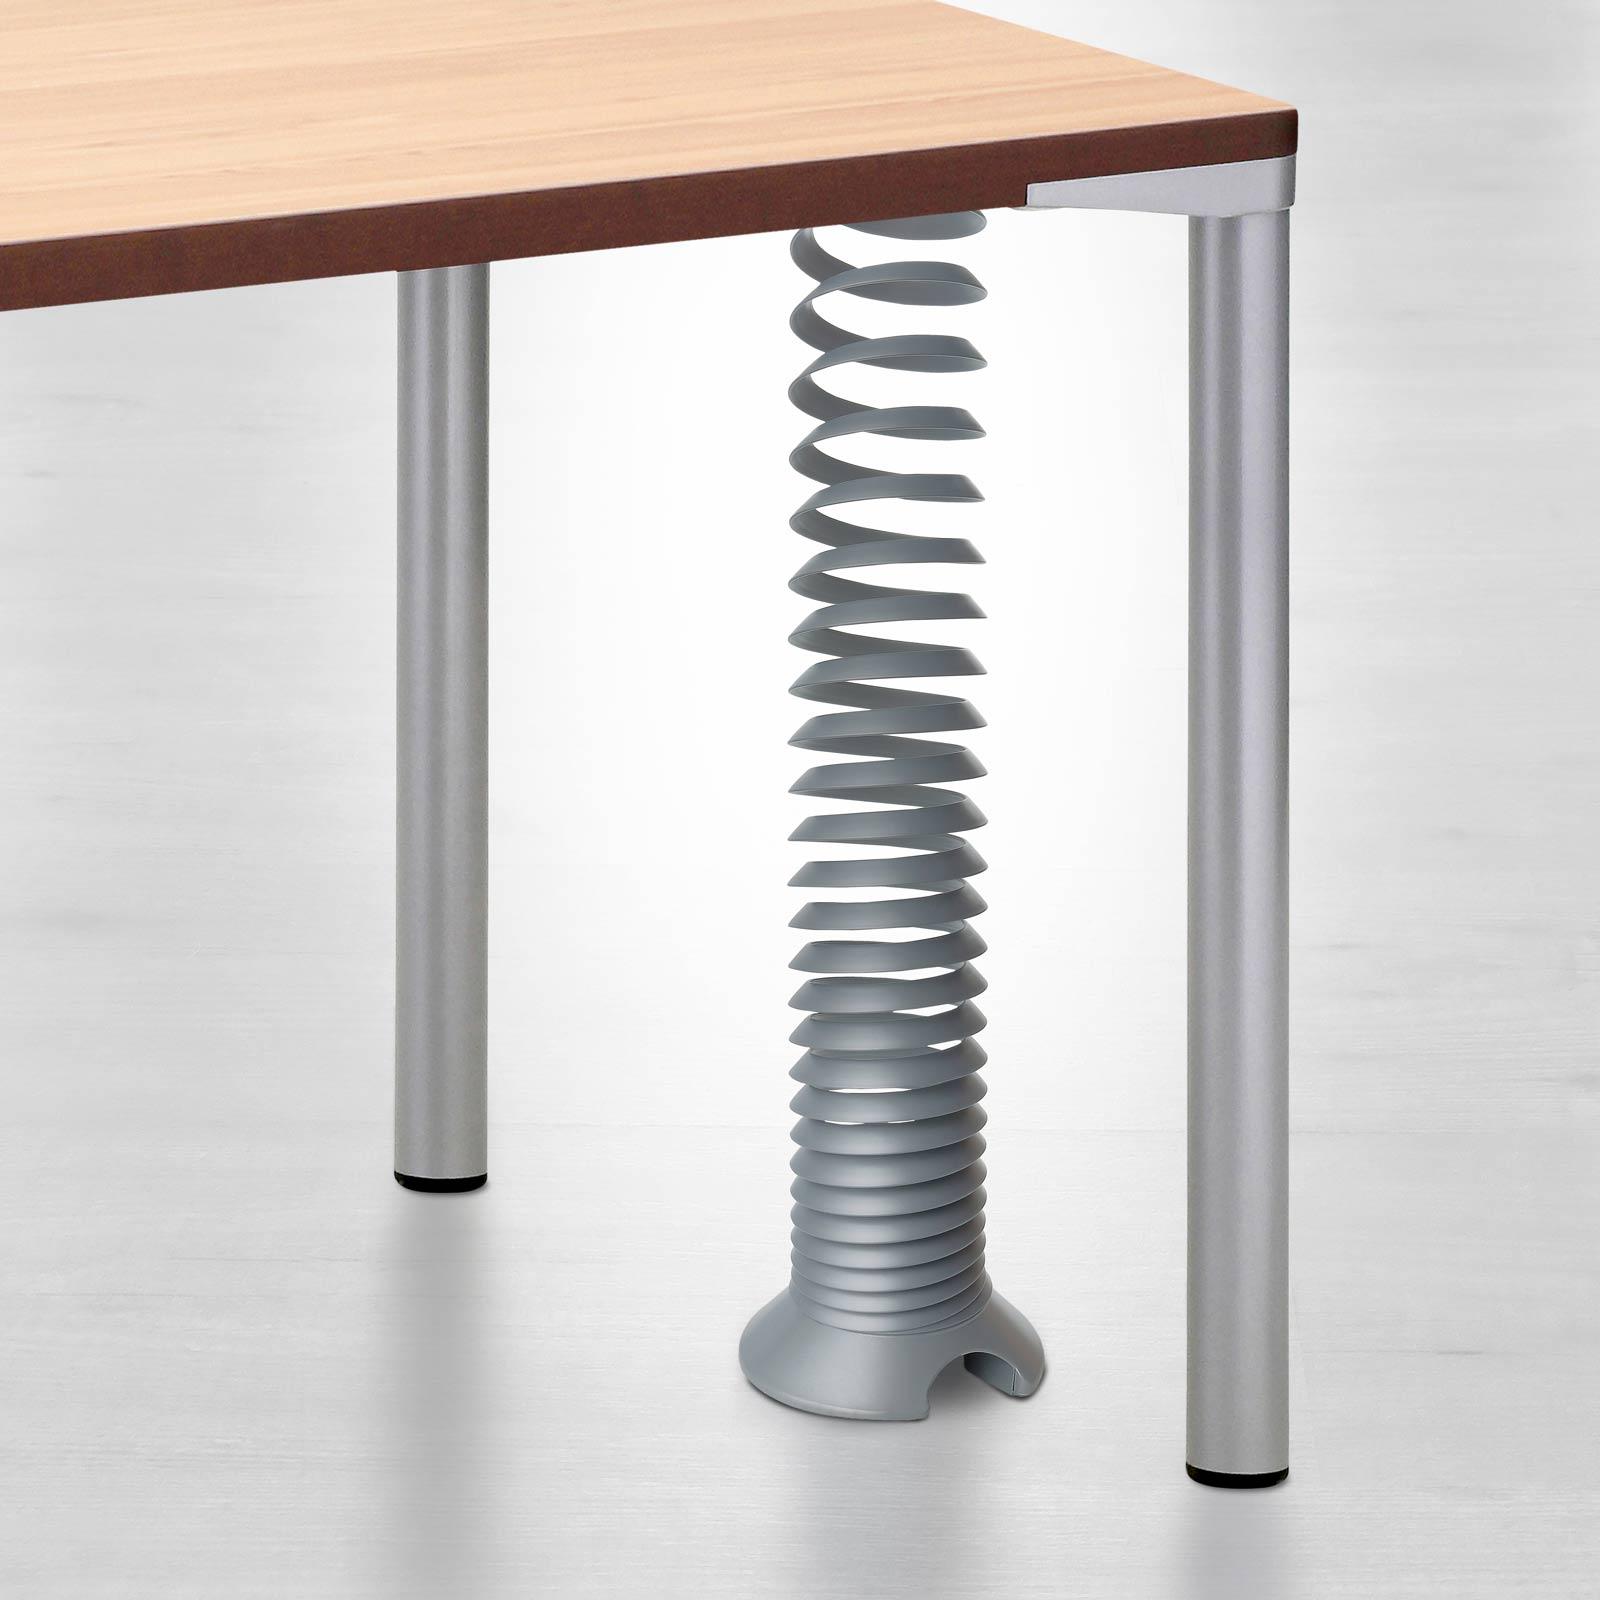 Eisnhauer Kabelspirale ausgefahren Schreibtisch